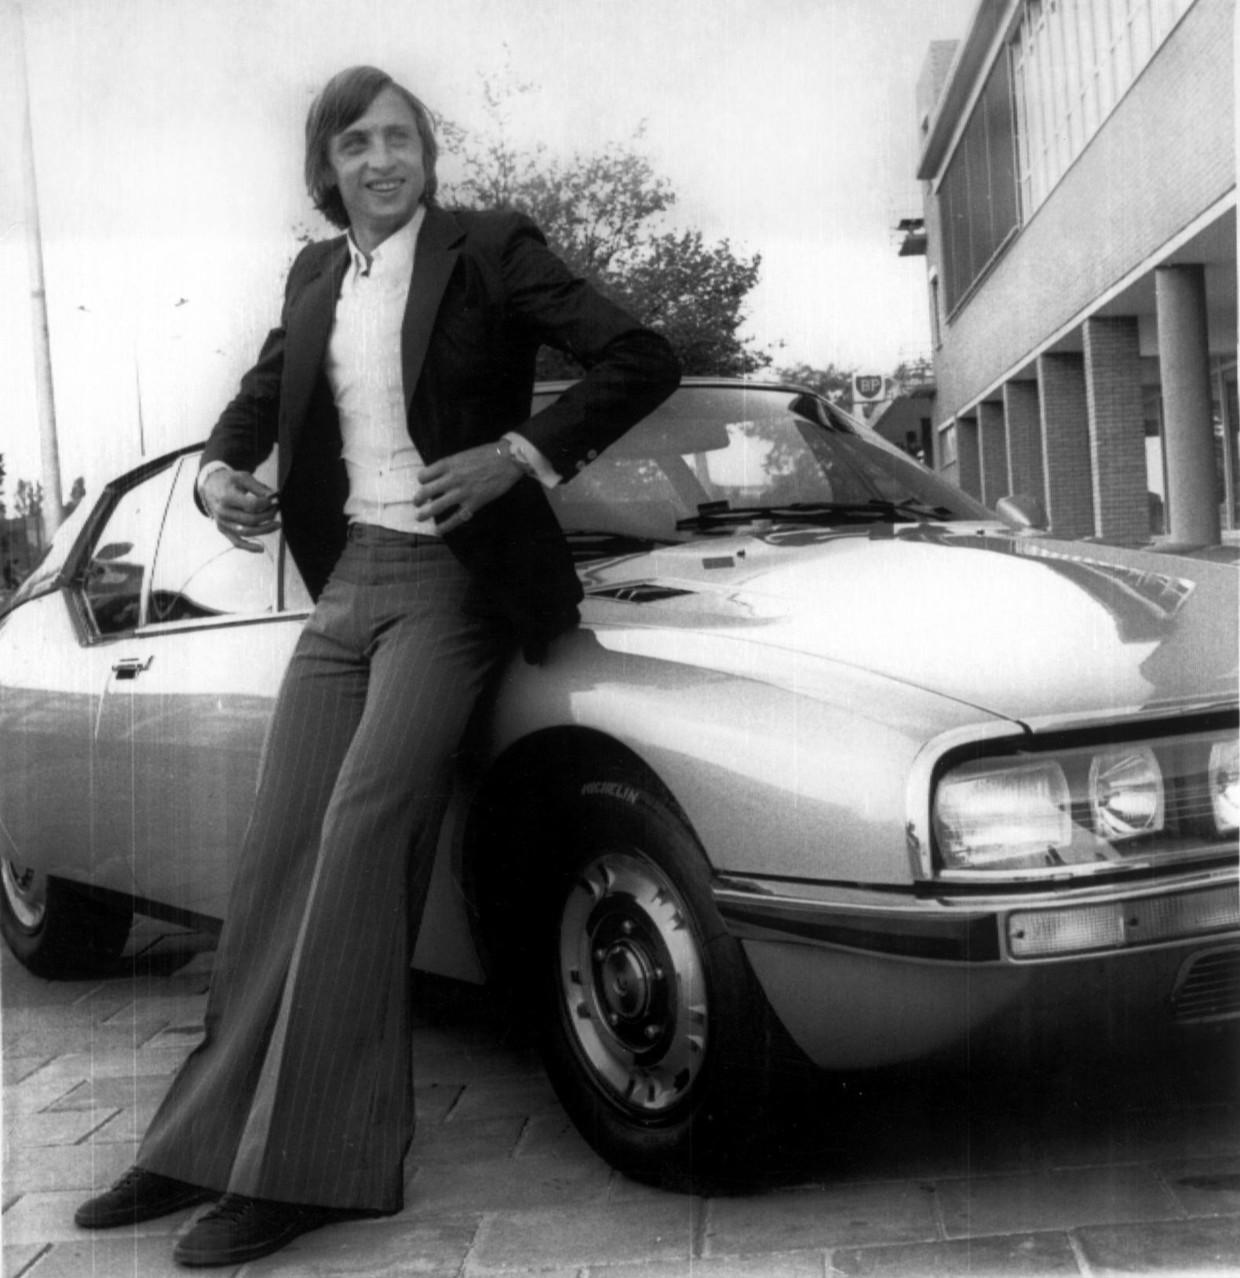 Johan Cruijff leunt tegen zijn nieuwe auto, een Citroen SM. Amsterdam, 15 juni 1972. Beeld ANP